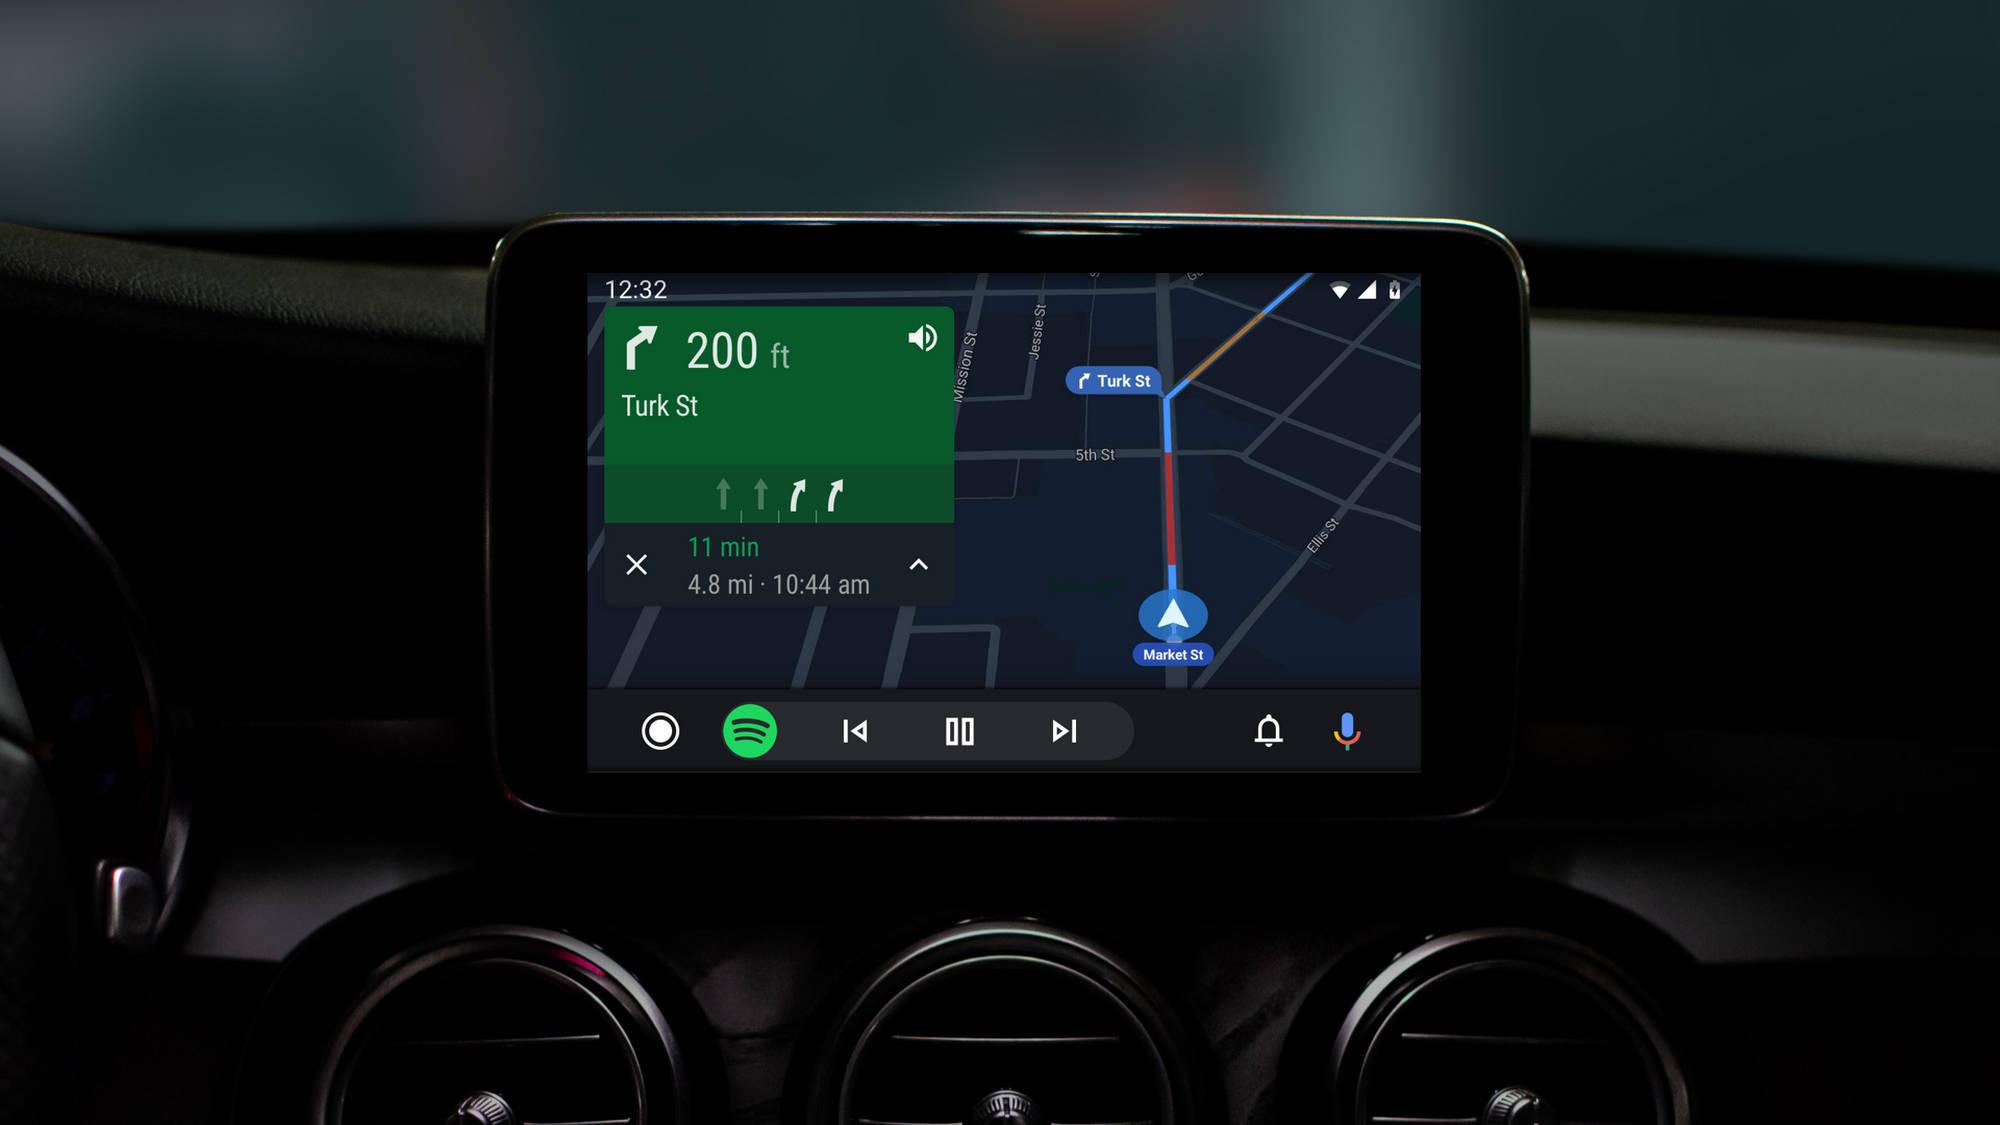 nowe Android Auto 4.3 Boardwalk zmiany aplikacje nowy design głos Asystent Google Maps Mapy